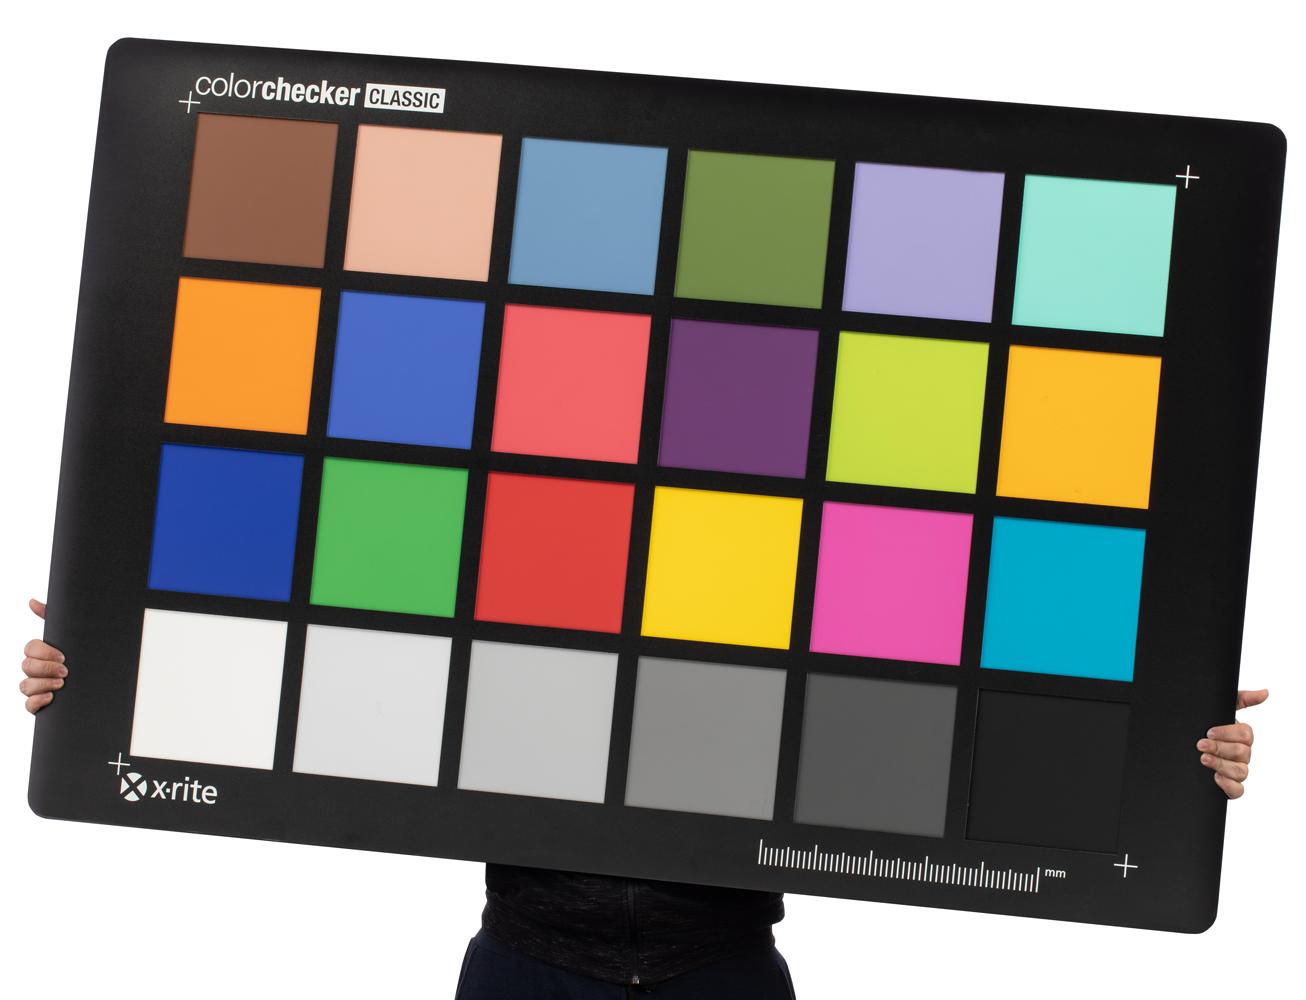 040-ColorChecker-Classic-Mega